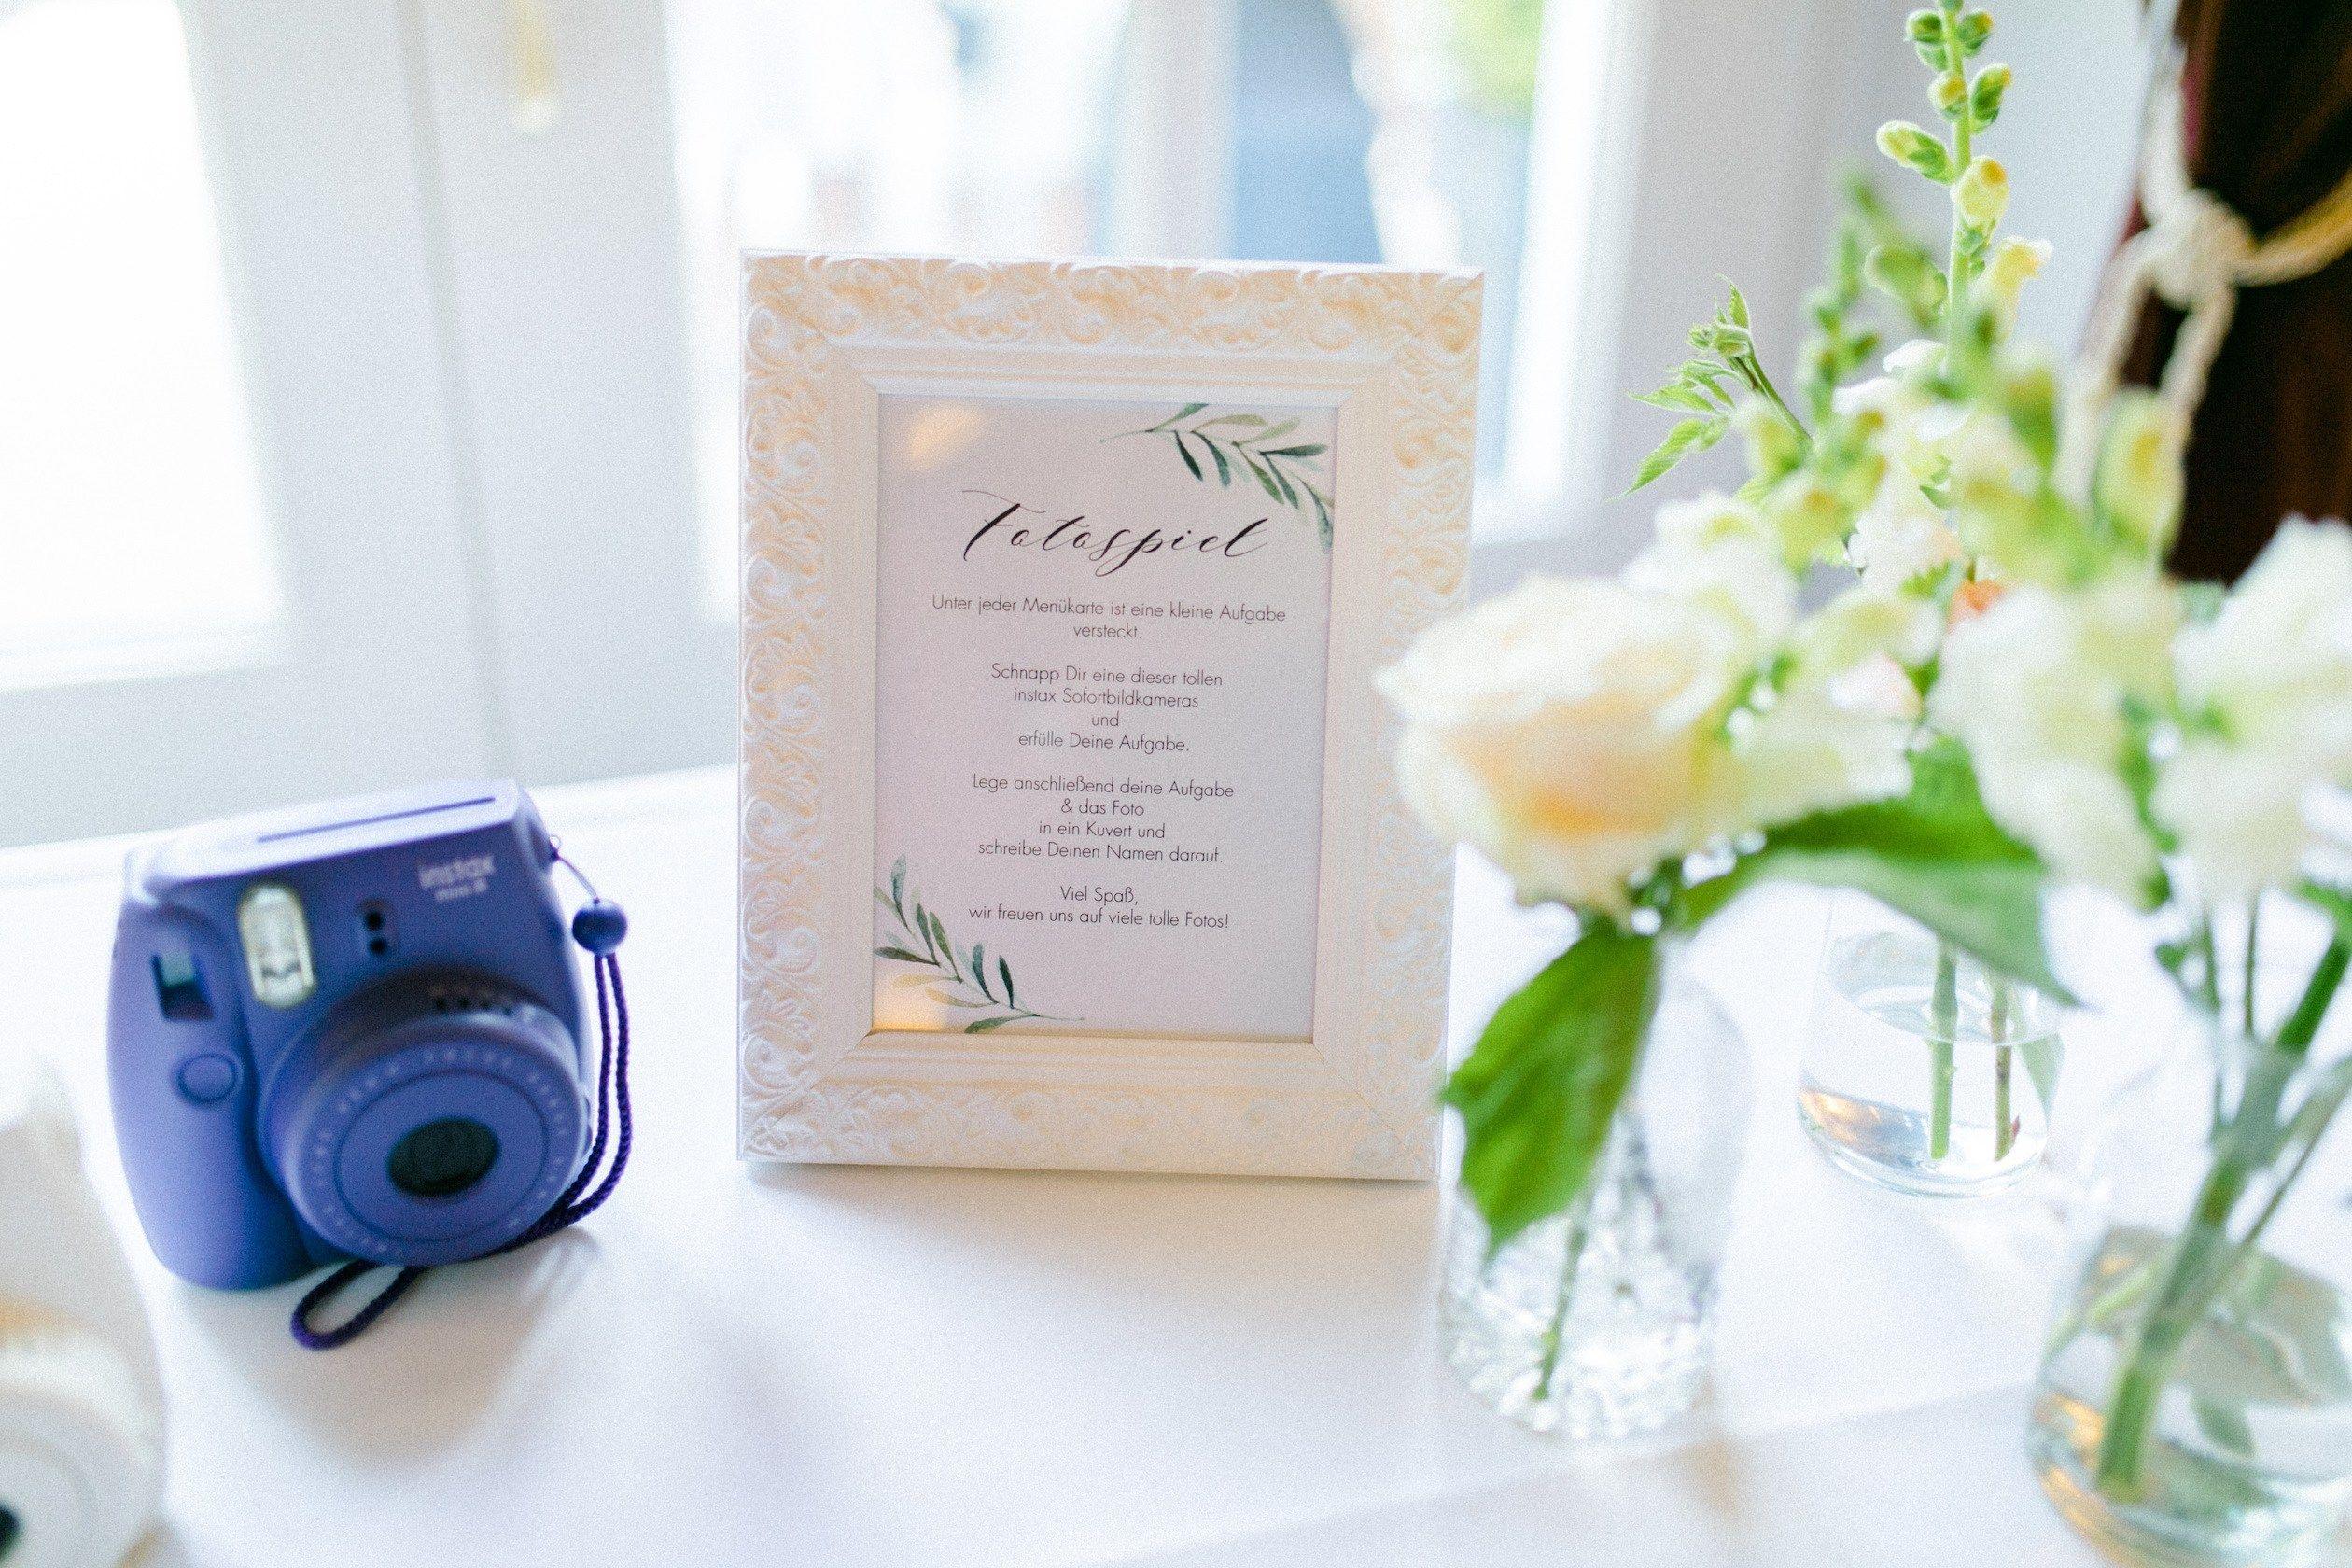 Fotospiel Mit Instax Sofortbildkameras Von Gearflix Mieten Statt Kaufen Allerliebeanfang Foto Spiele Hochzeit Spiele Gastebuch Hochzeit